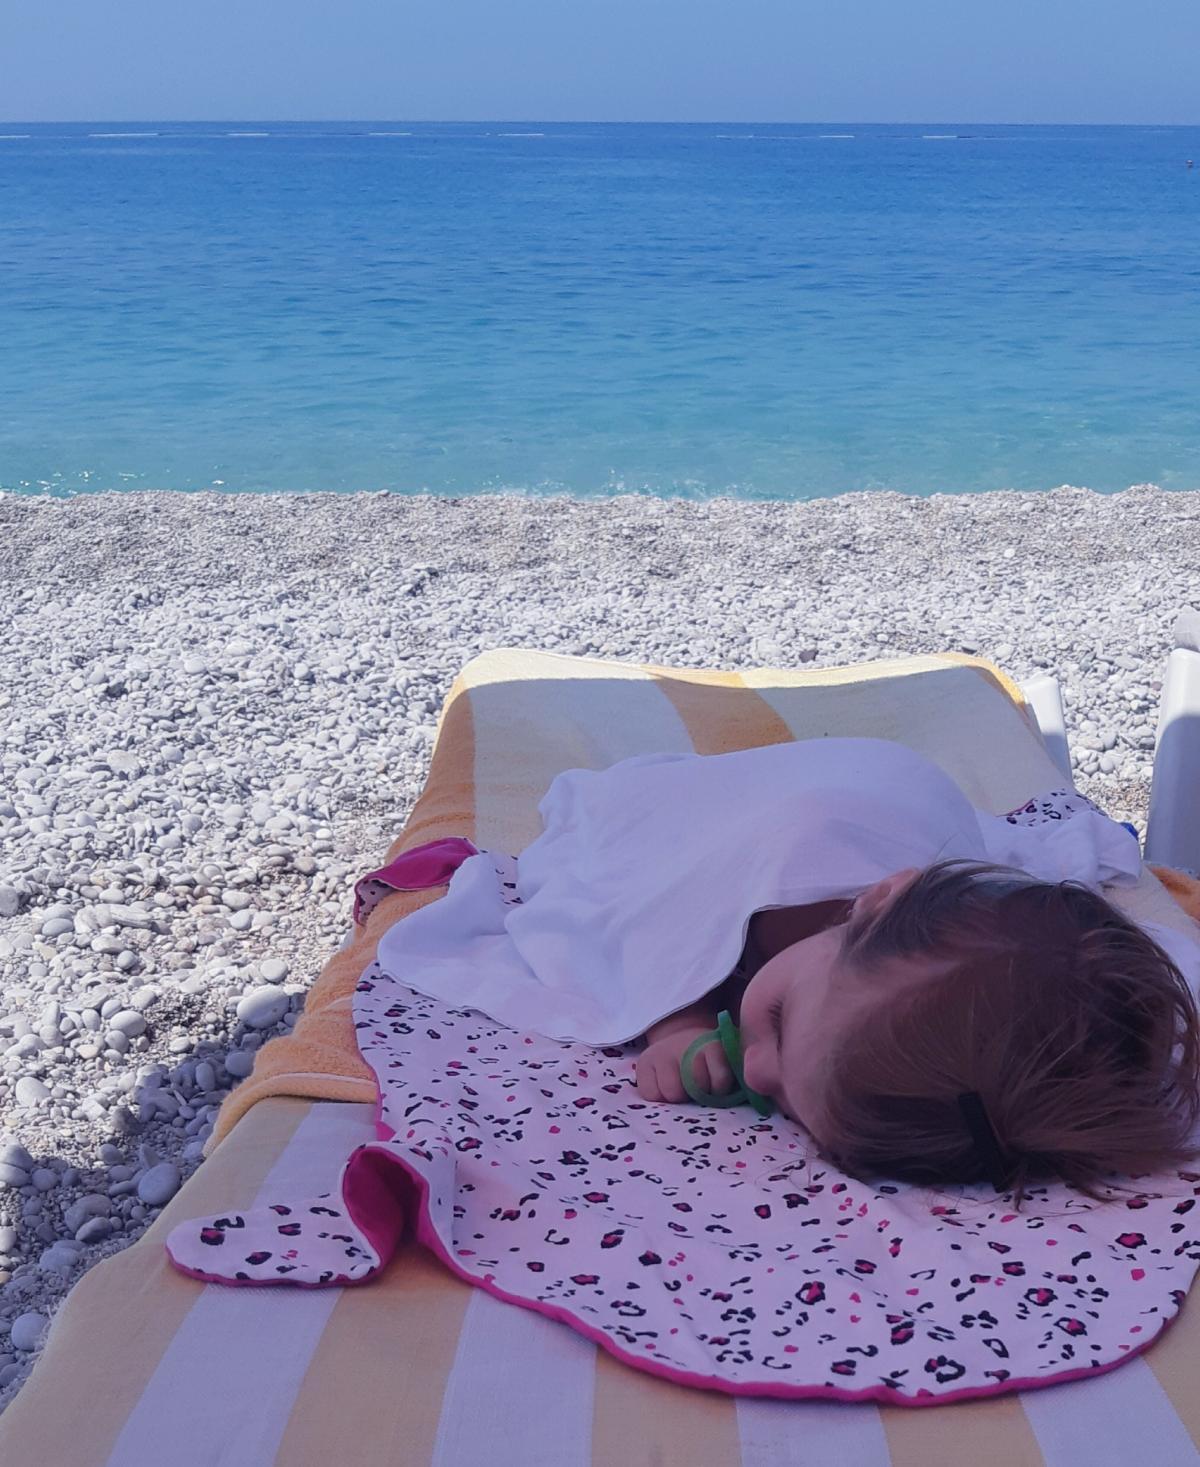 Інфраструктура на пляжах добре підлаштована для дітей / Фото Юлія Корнійчук